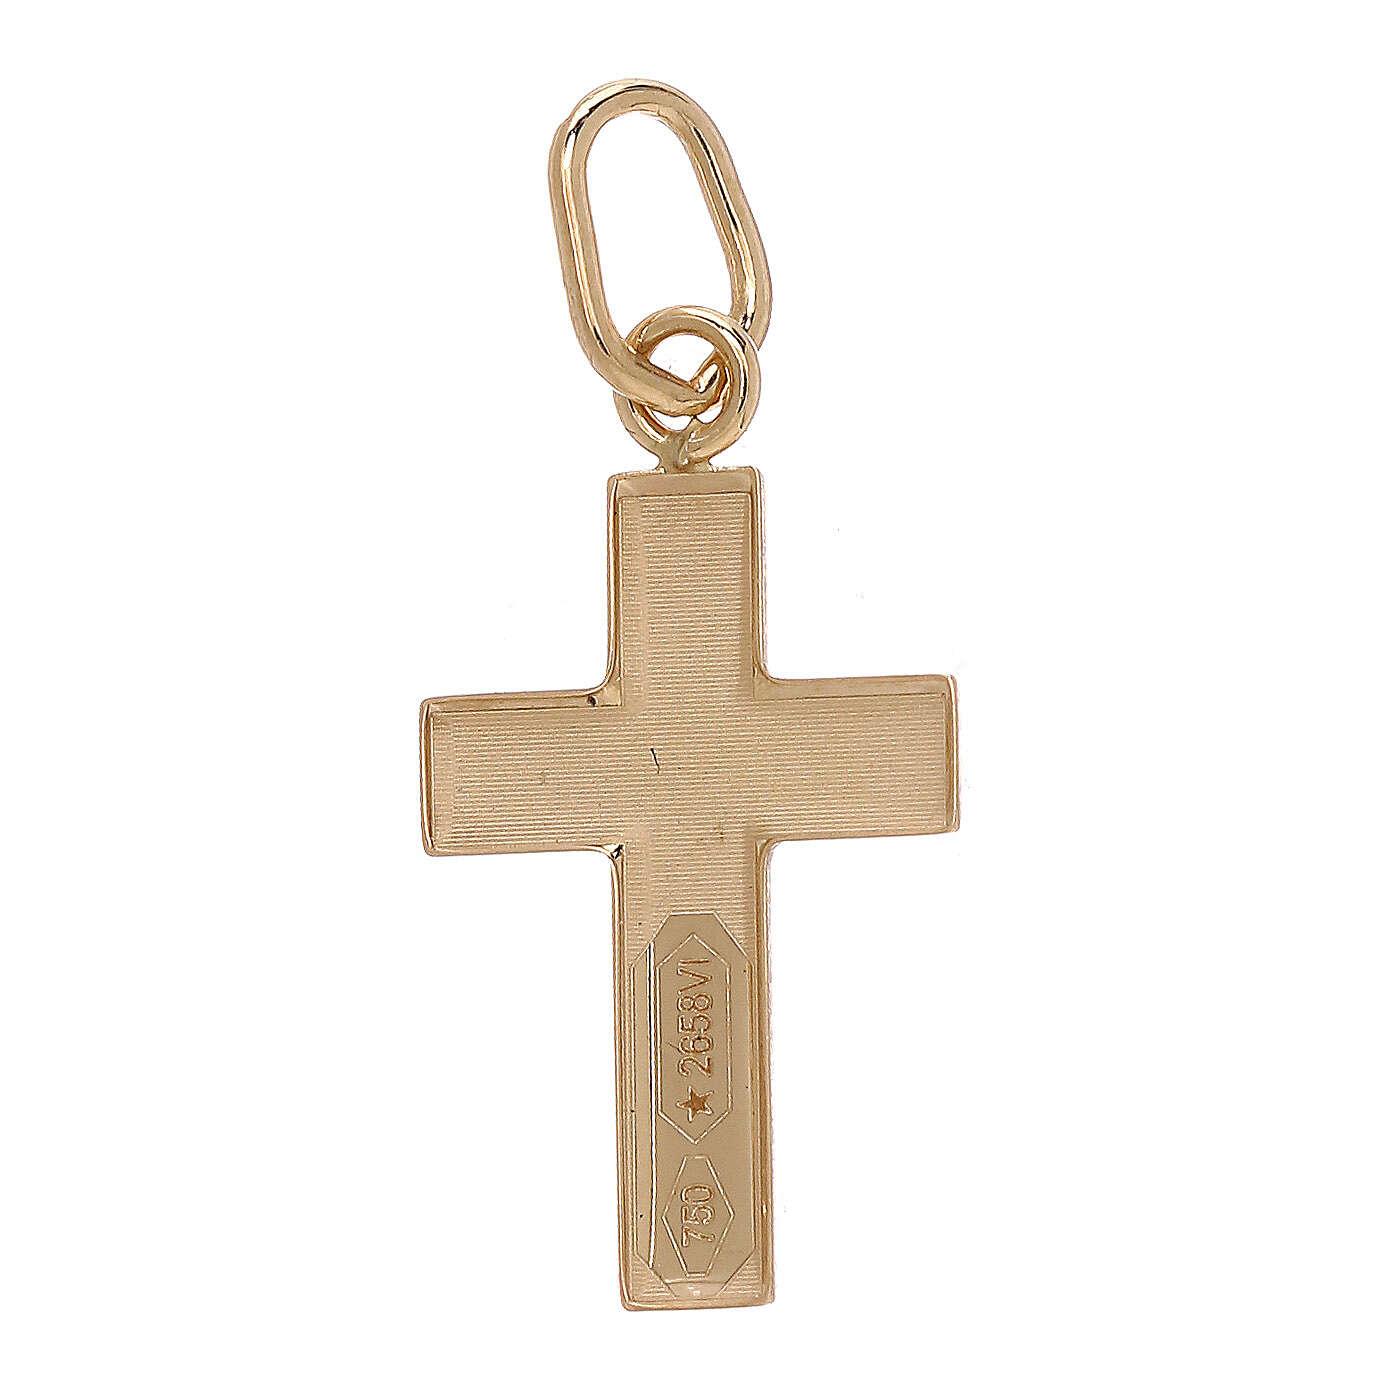 Pendente croce lastra bombata Cristo oro bicolore 18 kt 4